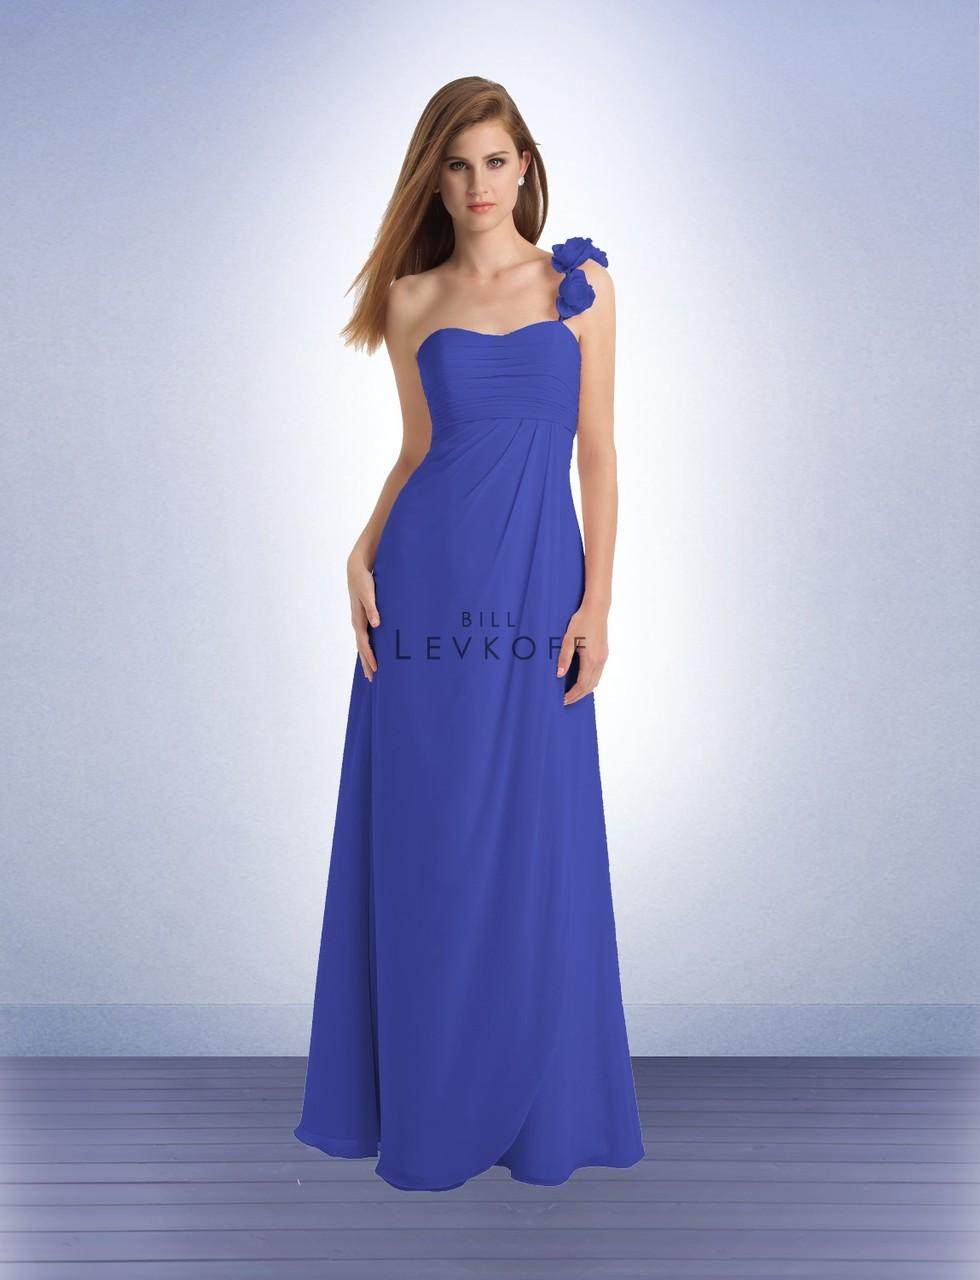 Bill Levkoff Bridesmaids Dress 737 | Unique Bridesmaids Dresses